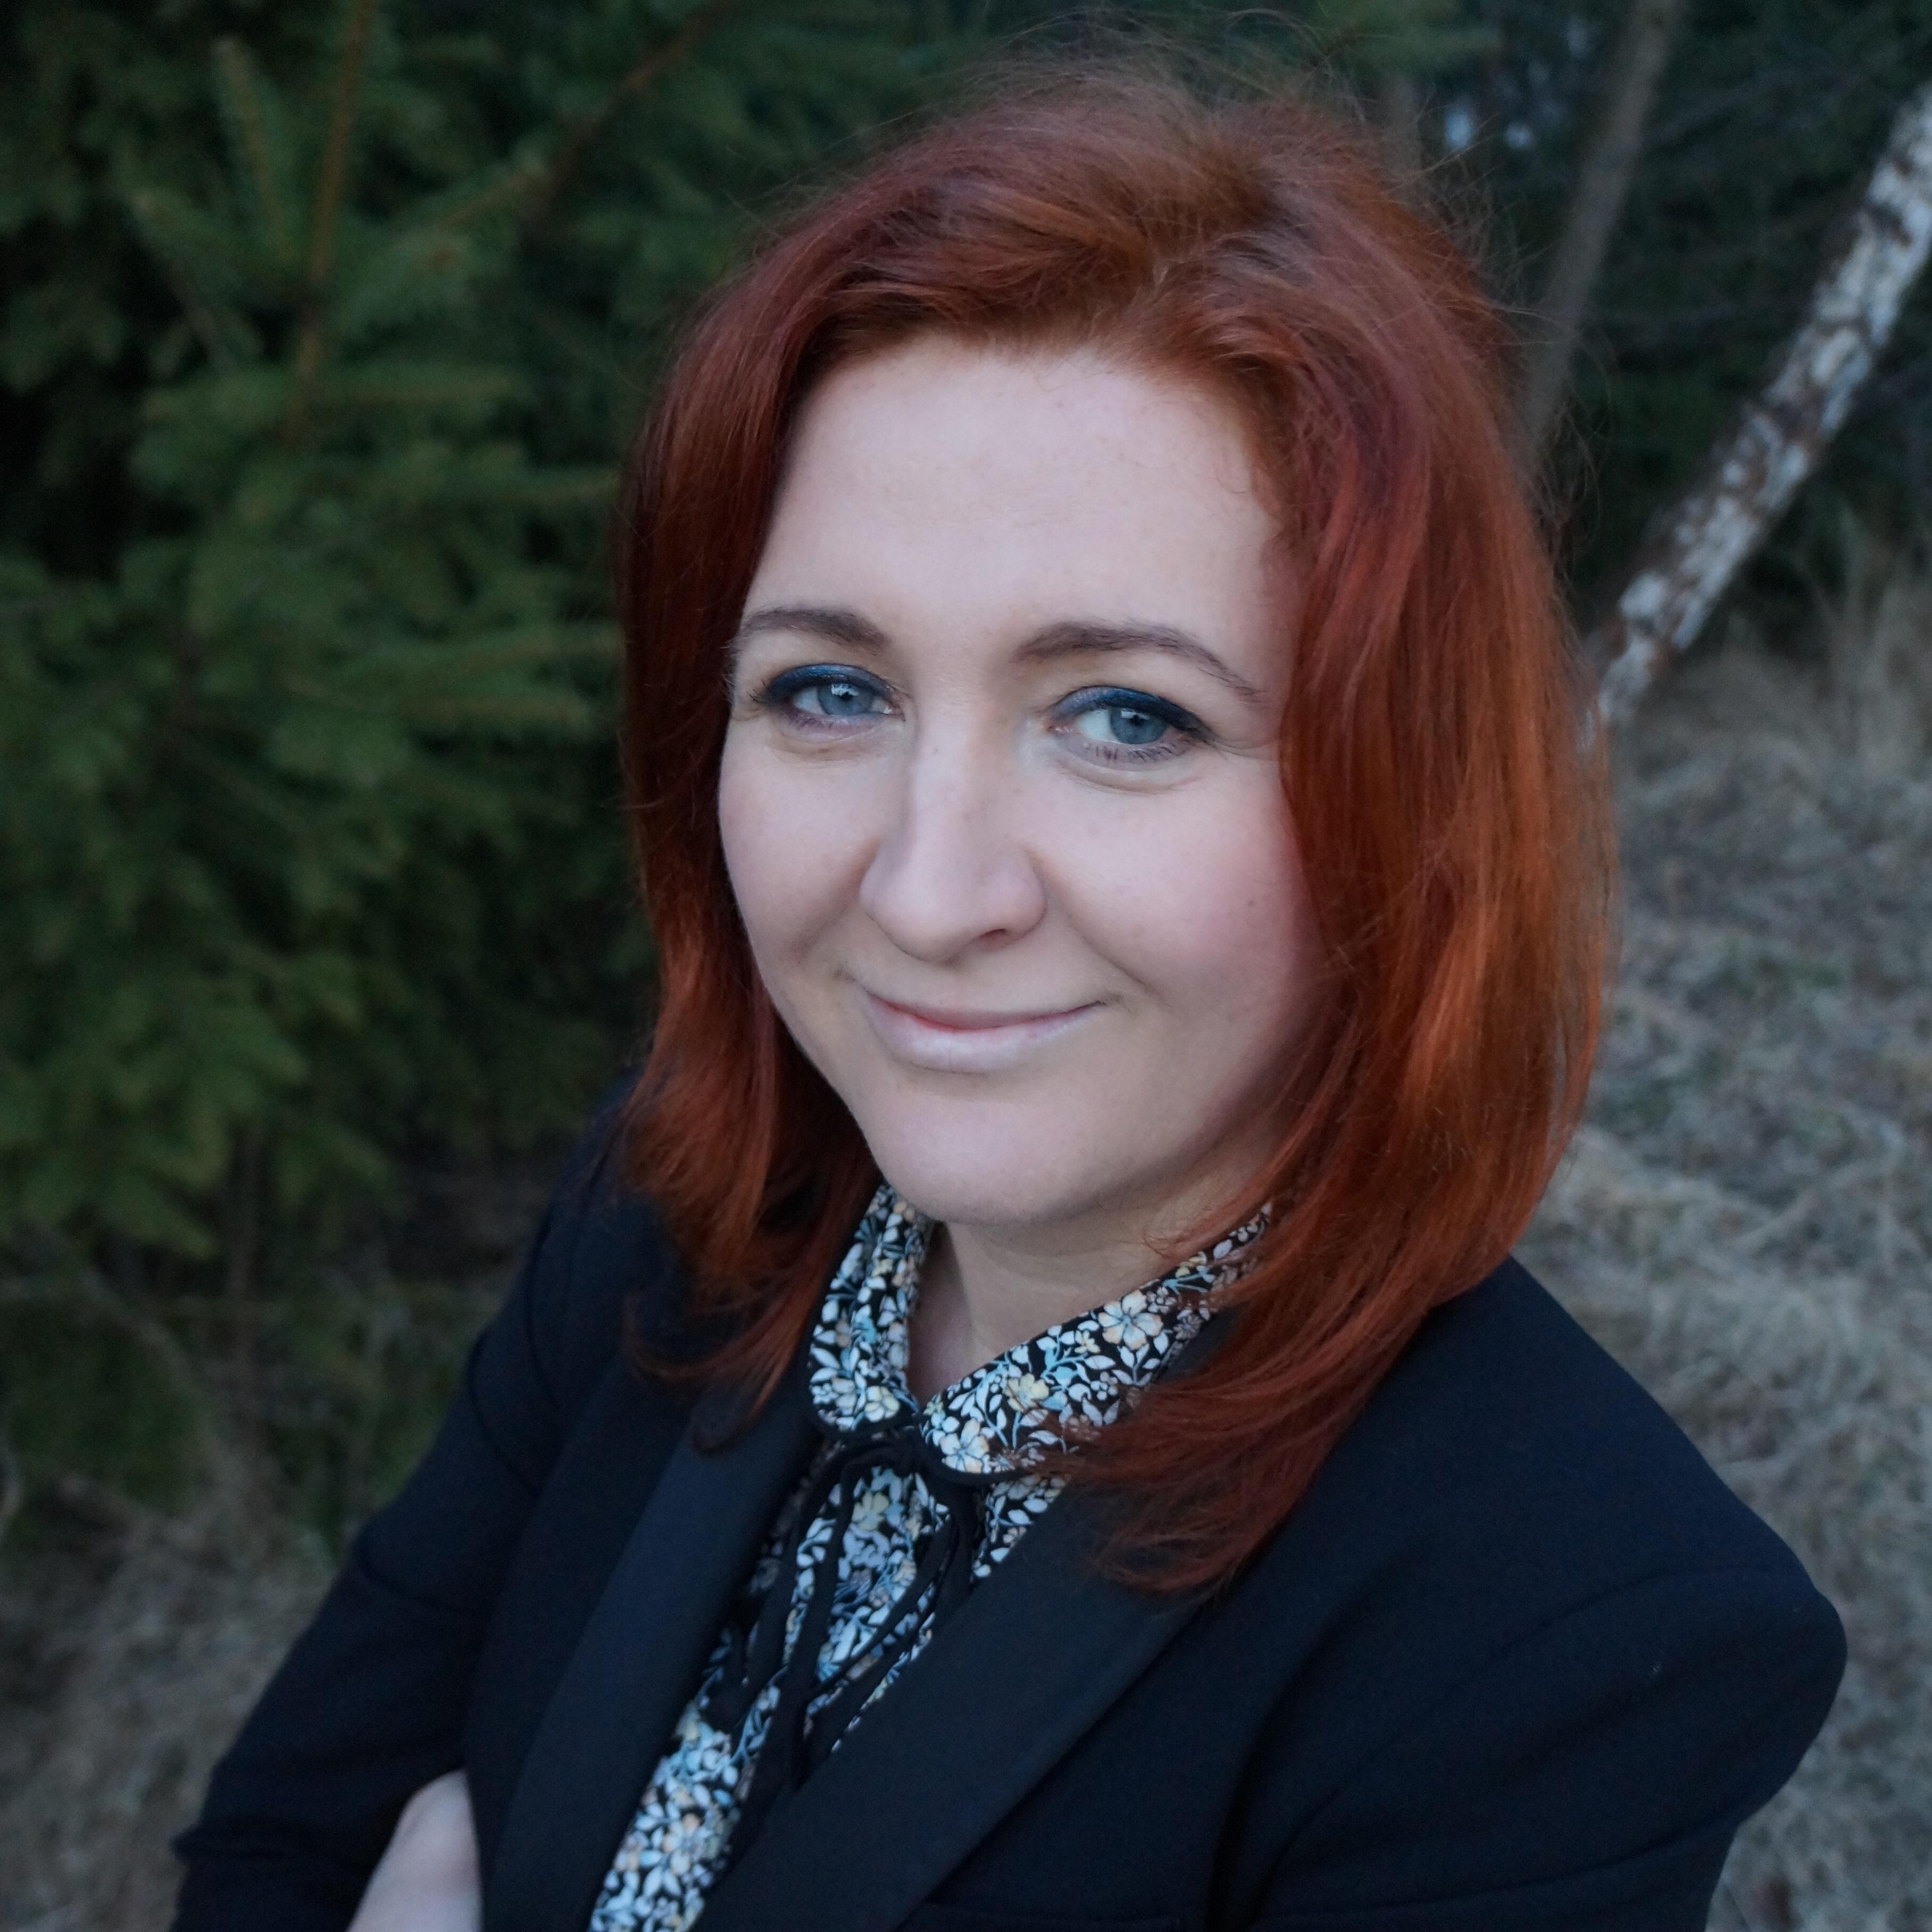 Psycholog Bielsko - Ewa Wróbel